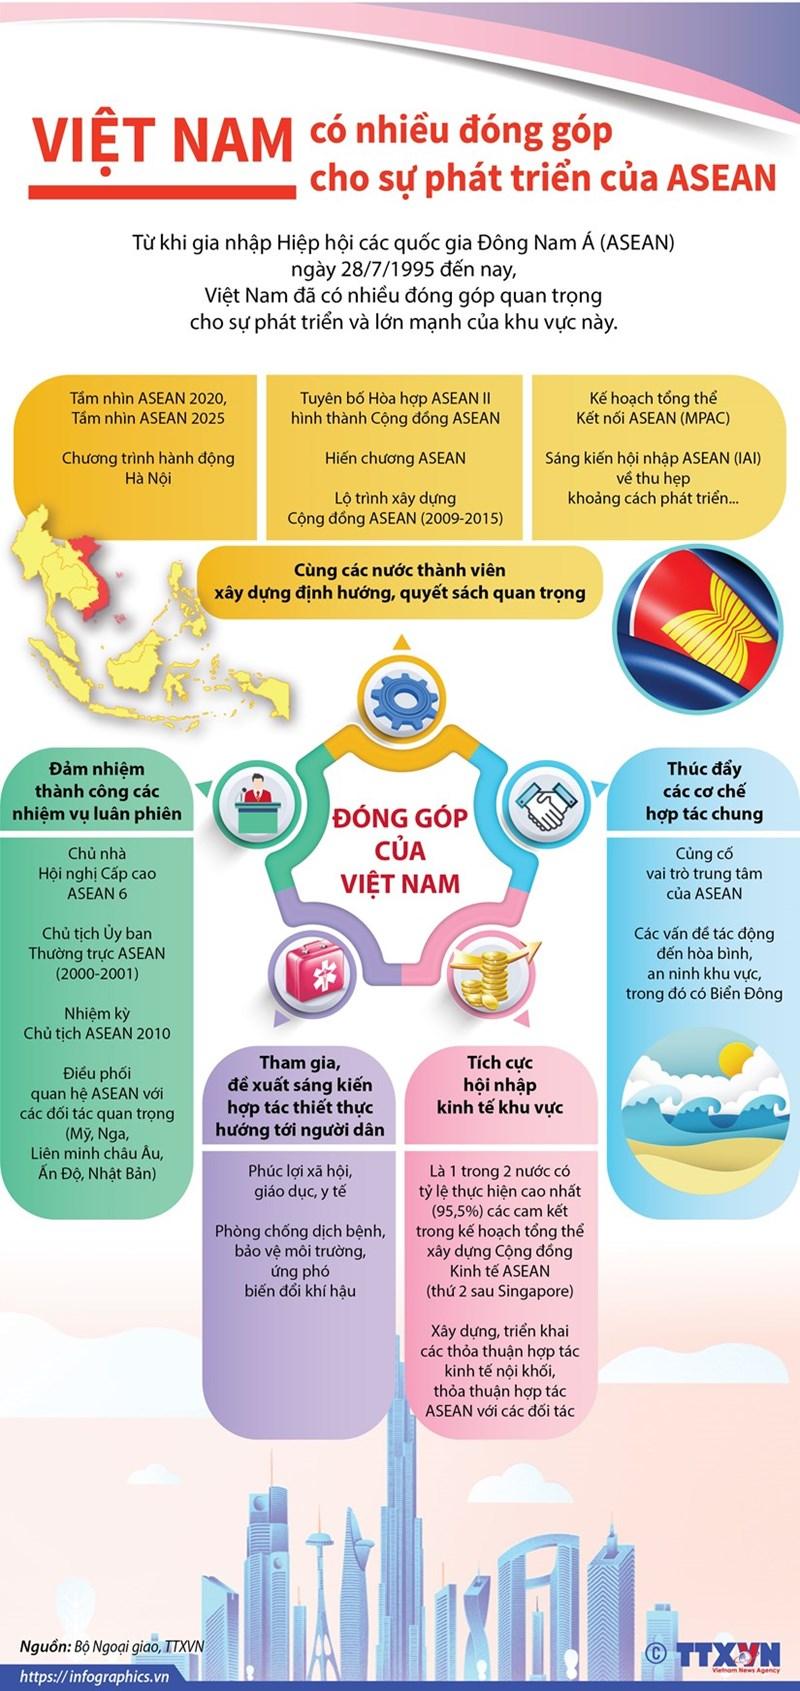 [Infographics] Việt Nam có nhiều đóng góp cho sự phát triển của ASEAN - Ảnh 1